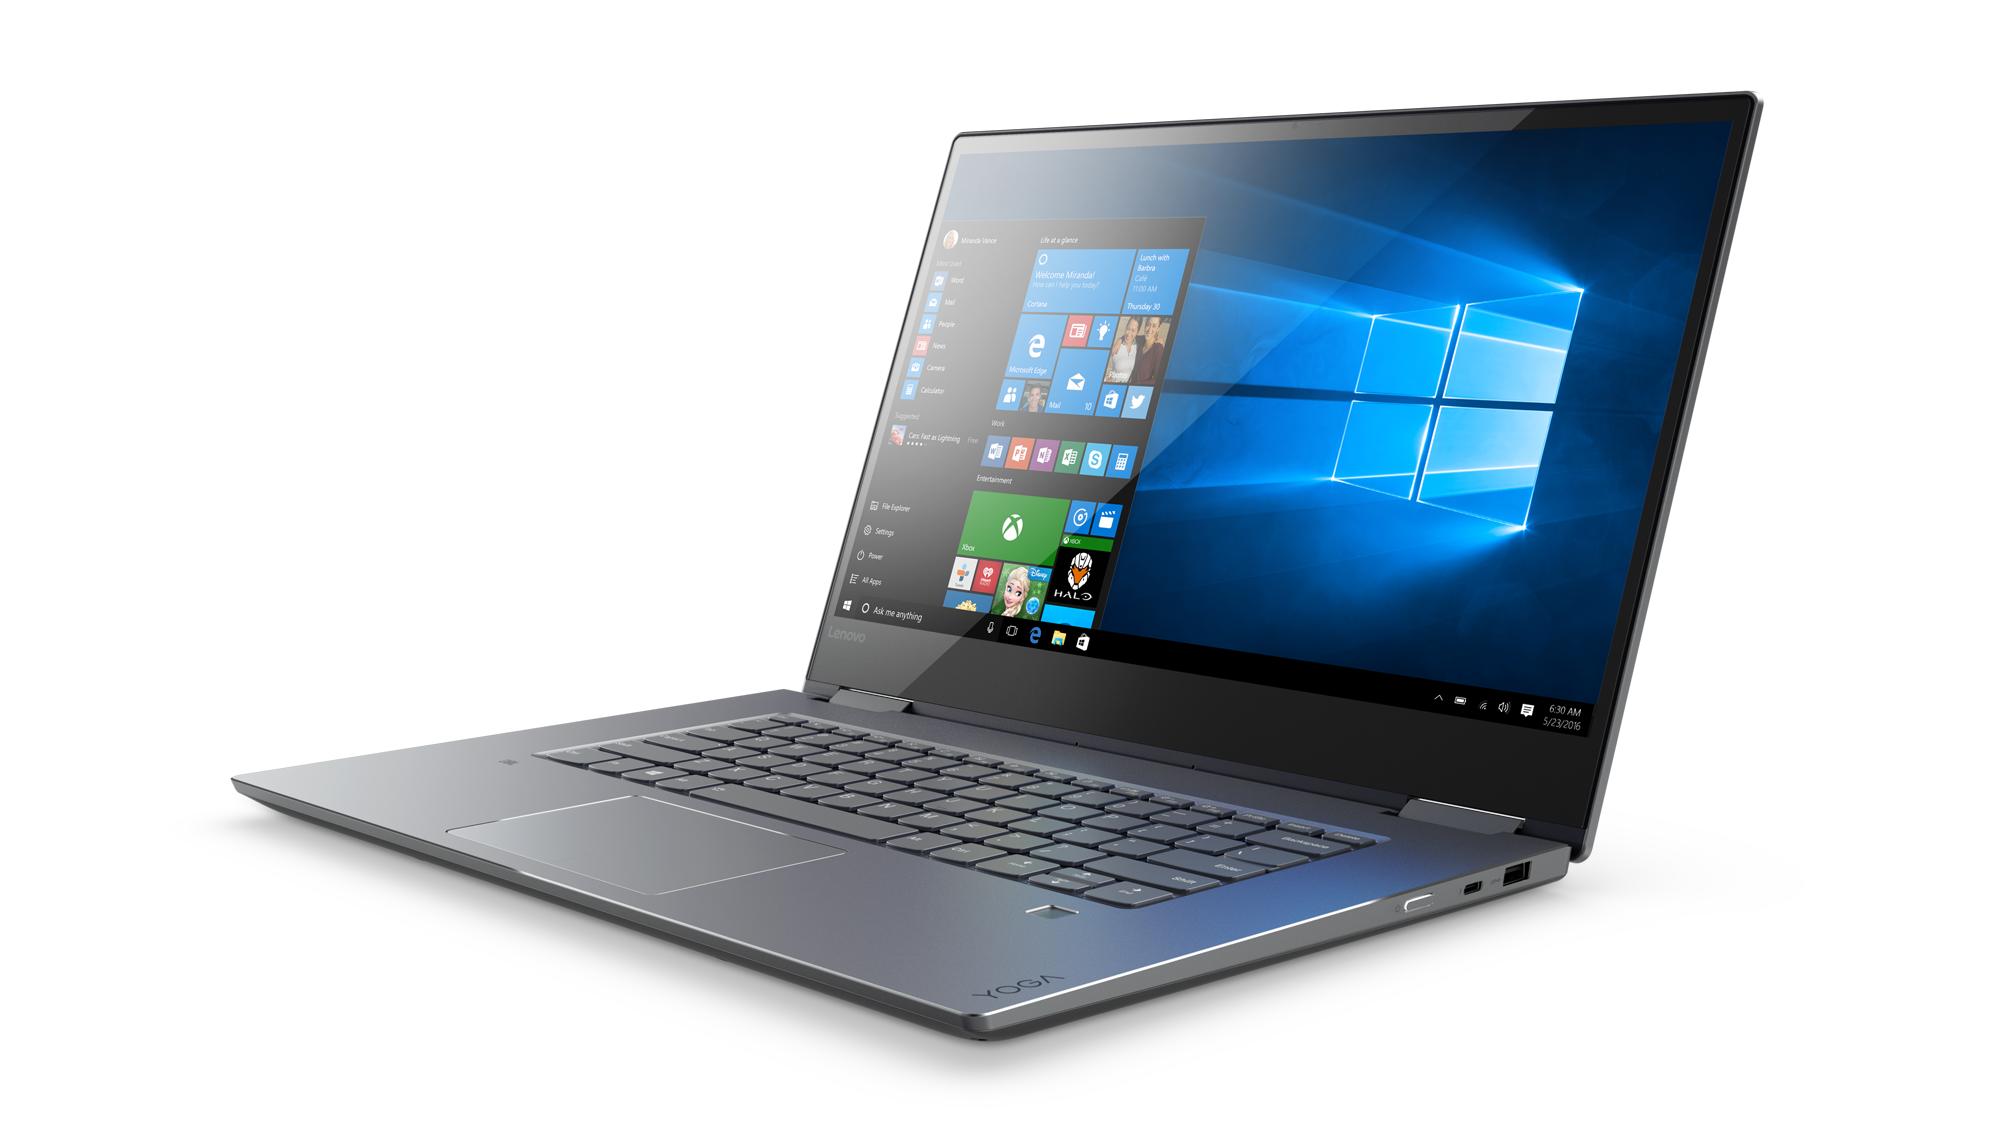 """Lenovo YOGA 720-15IKB i5-7300HQ 3,50GHz/8GB/SSD 256GB/15,6"""" FHD/AG/multitouch/GeForce 2GB/WIN10 šedá 80X70047CK"""